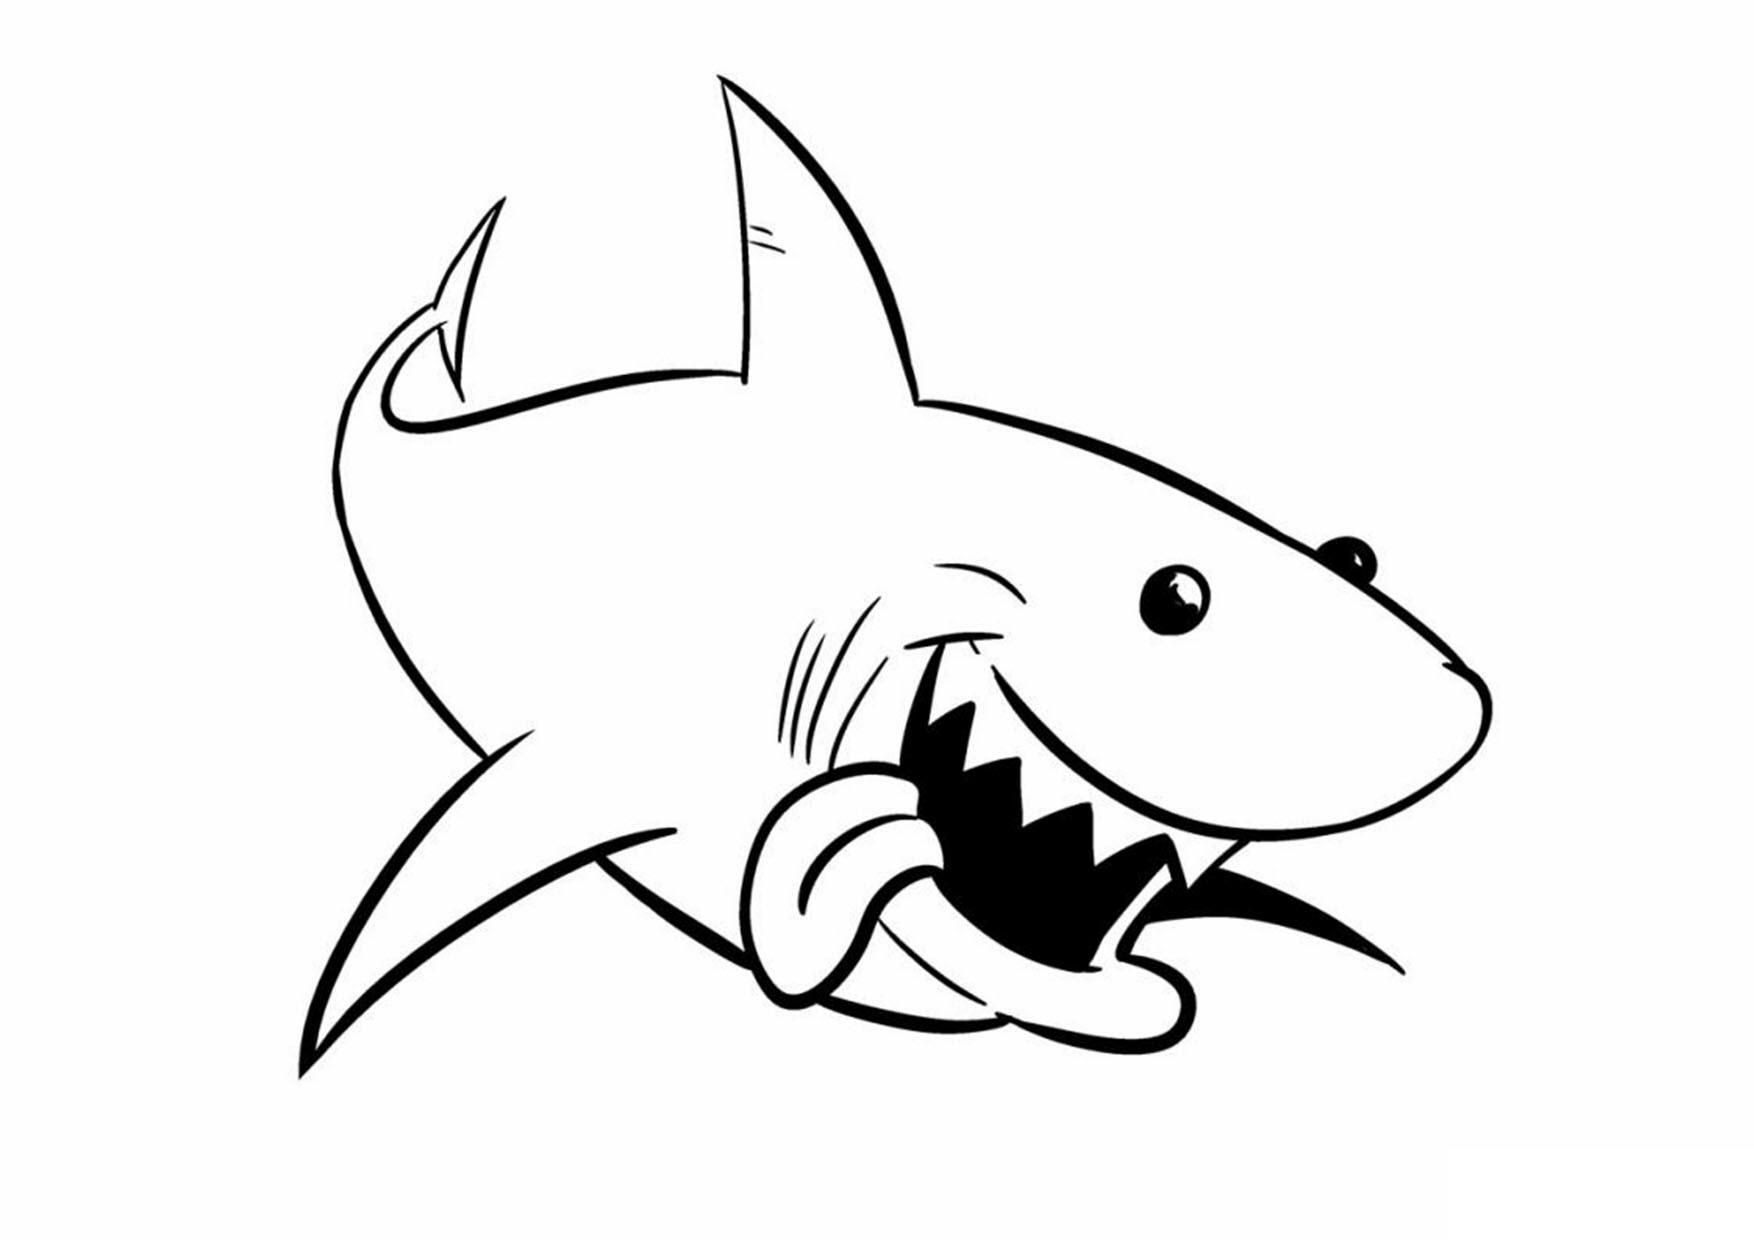 Tranh tô màu con cá mập dễ thương